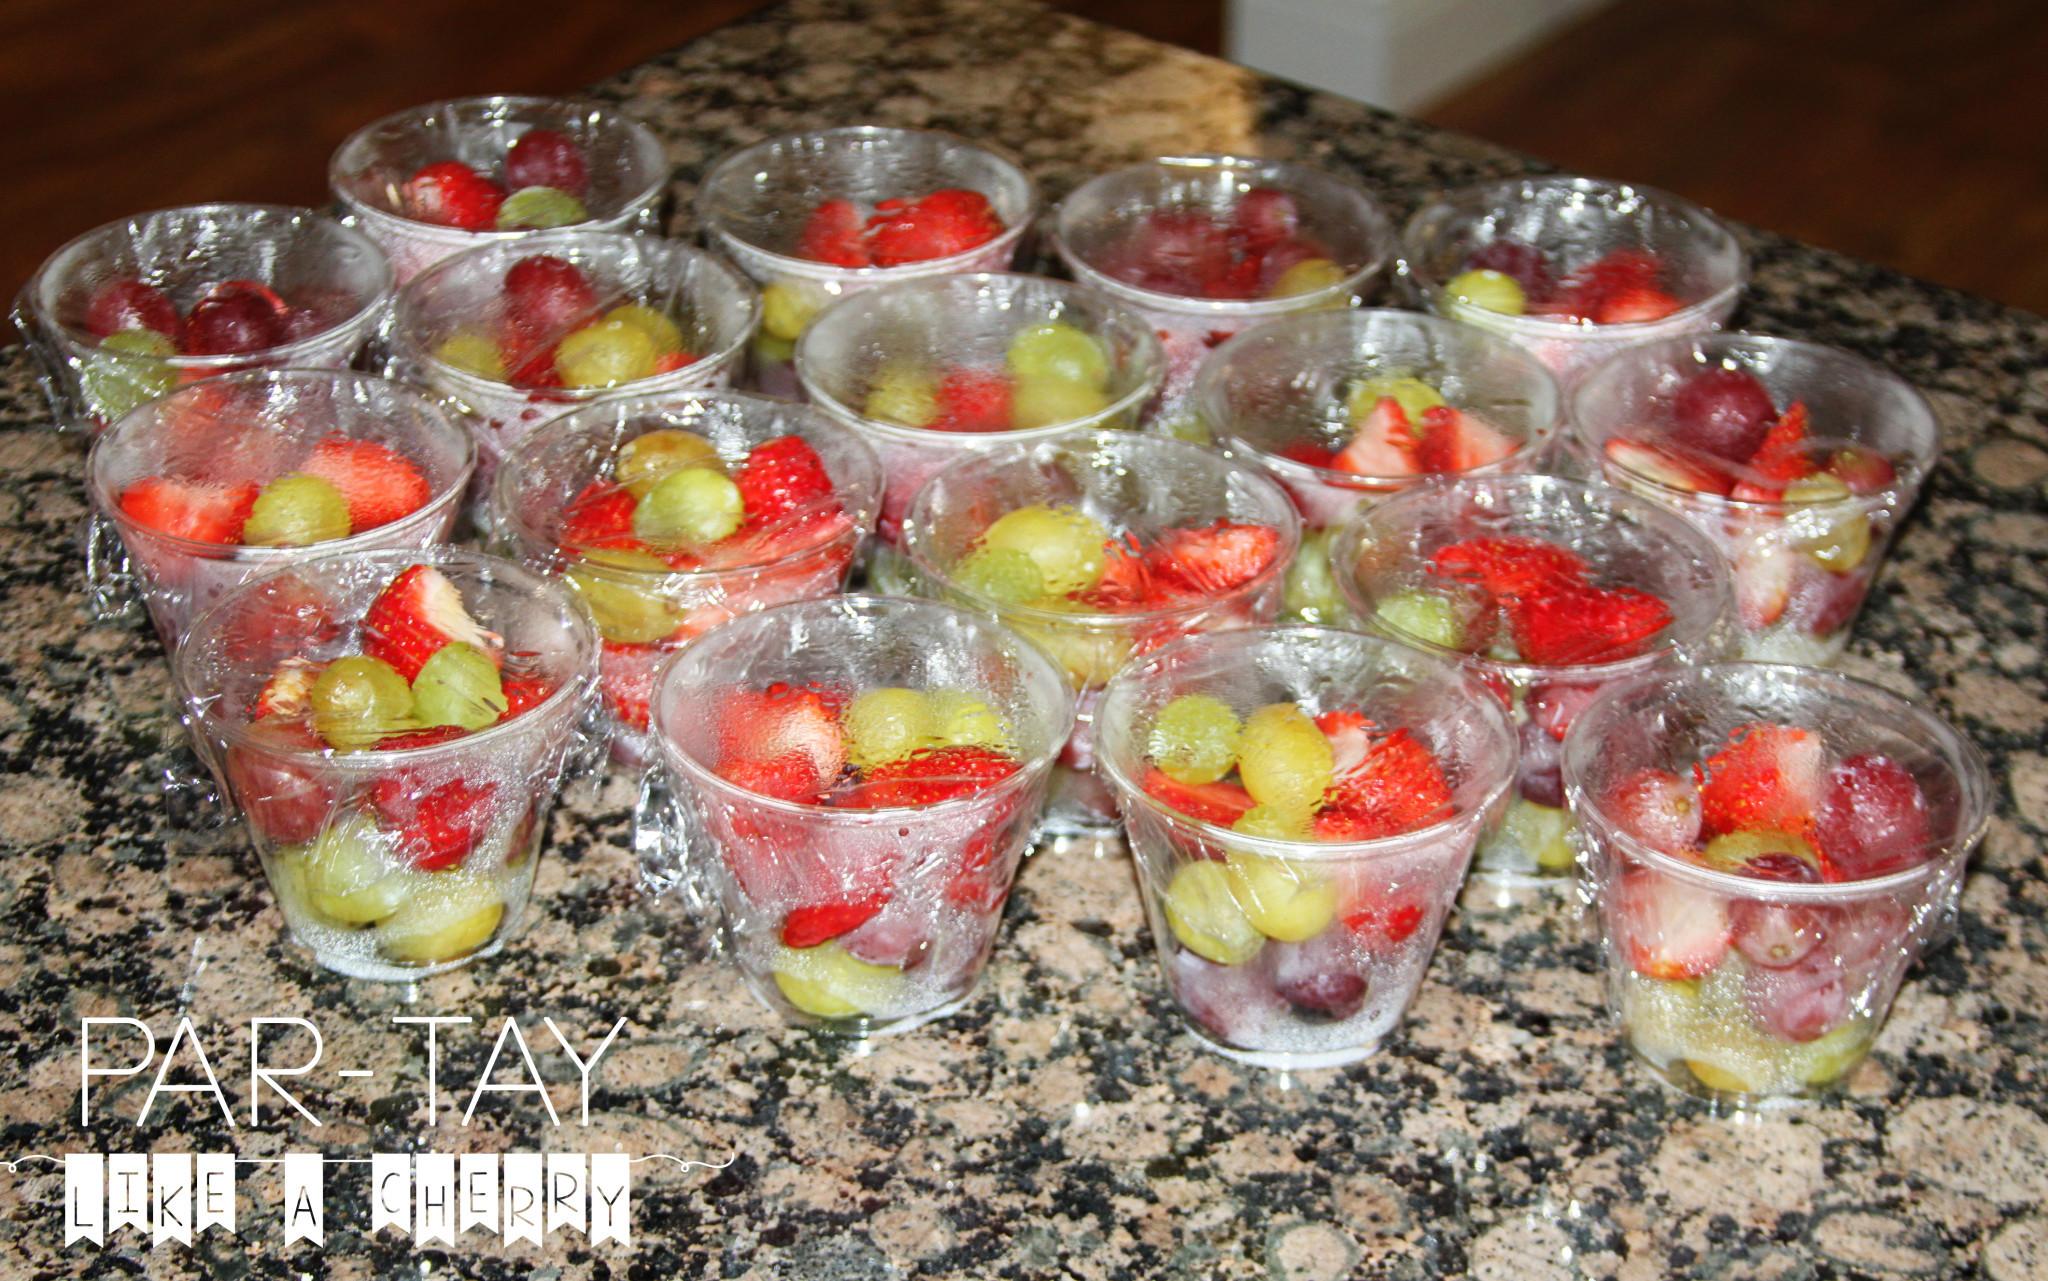 Healthy Soccer Snacks  Soccer Team Snack Printables Party Like a Cherry